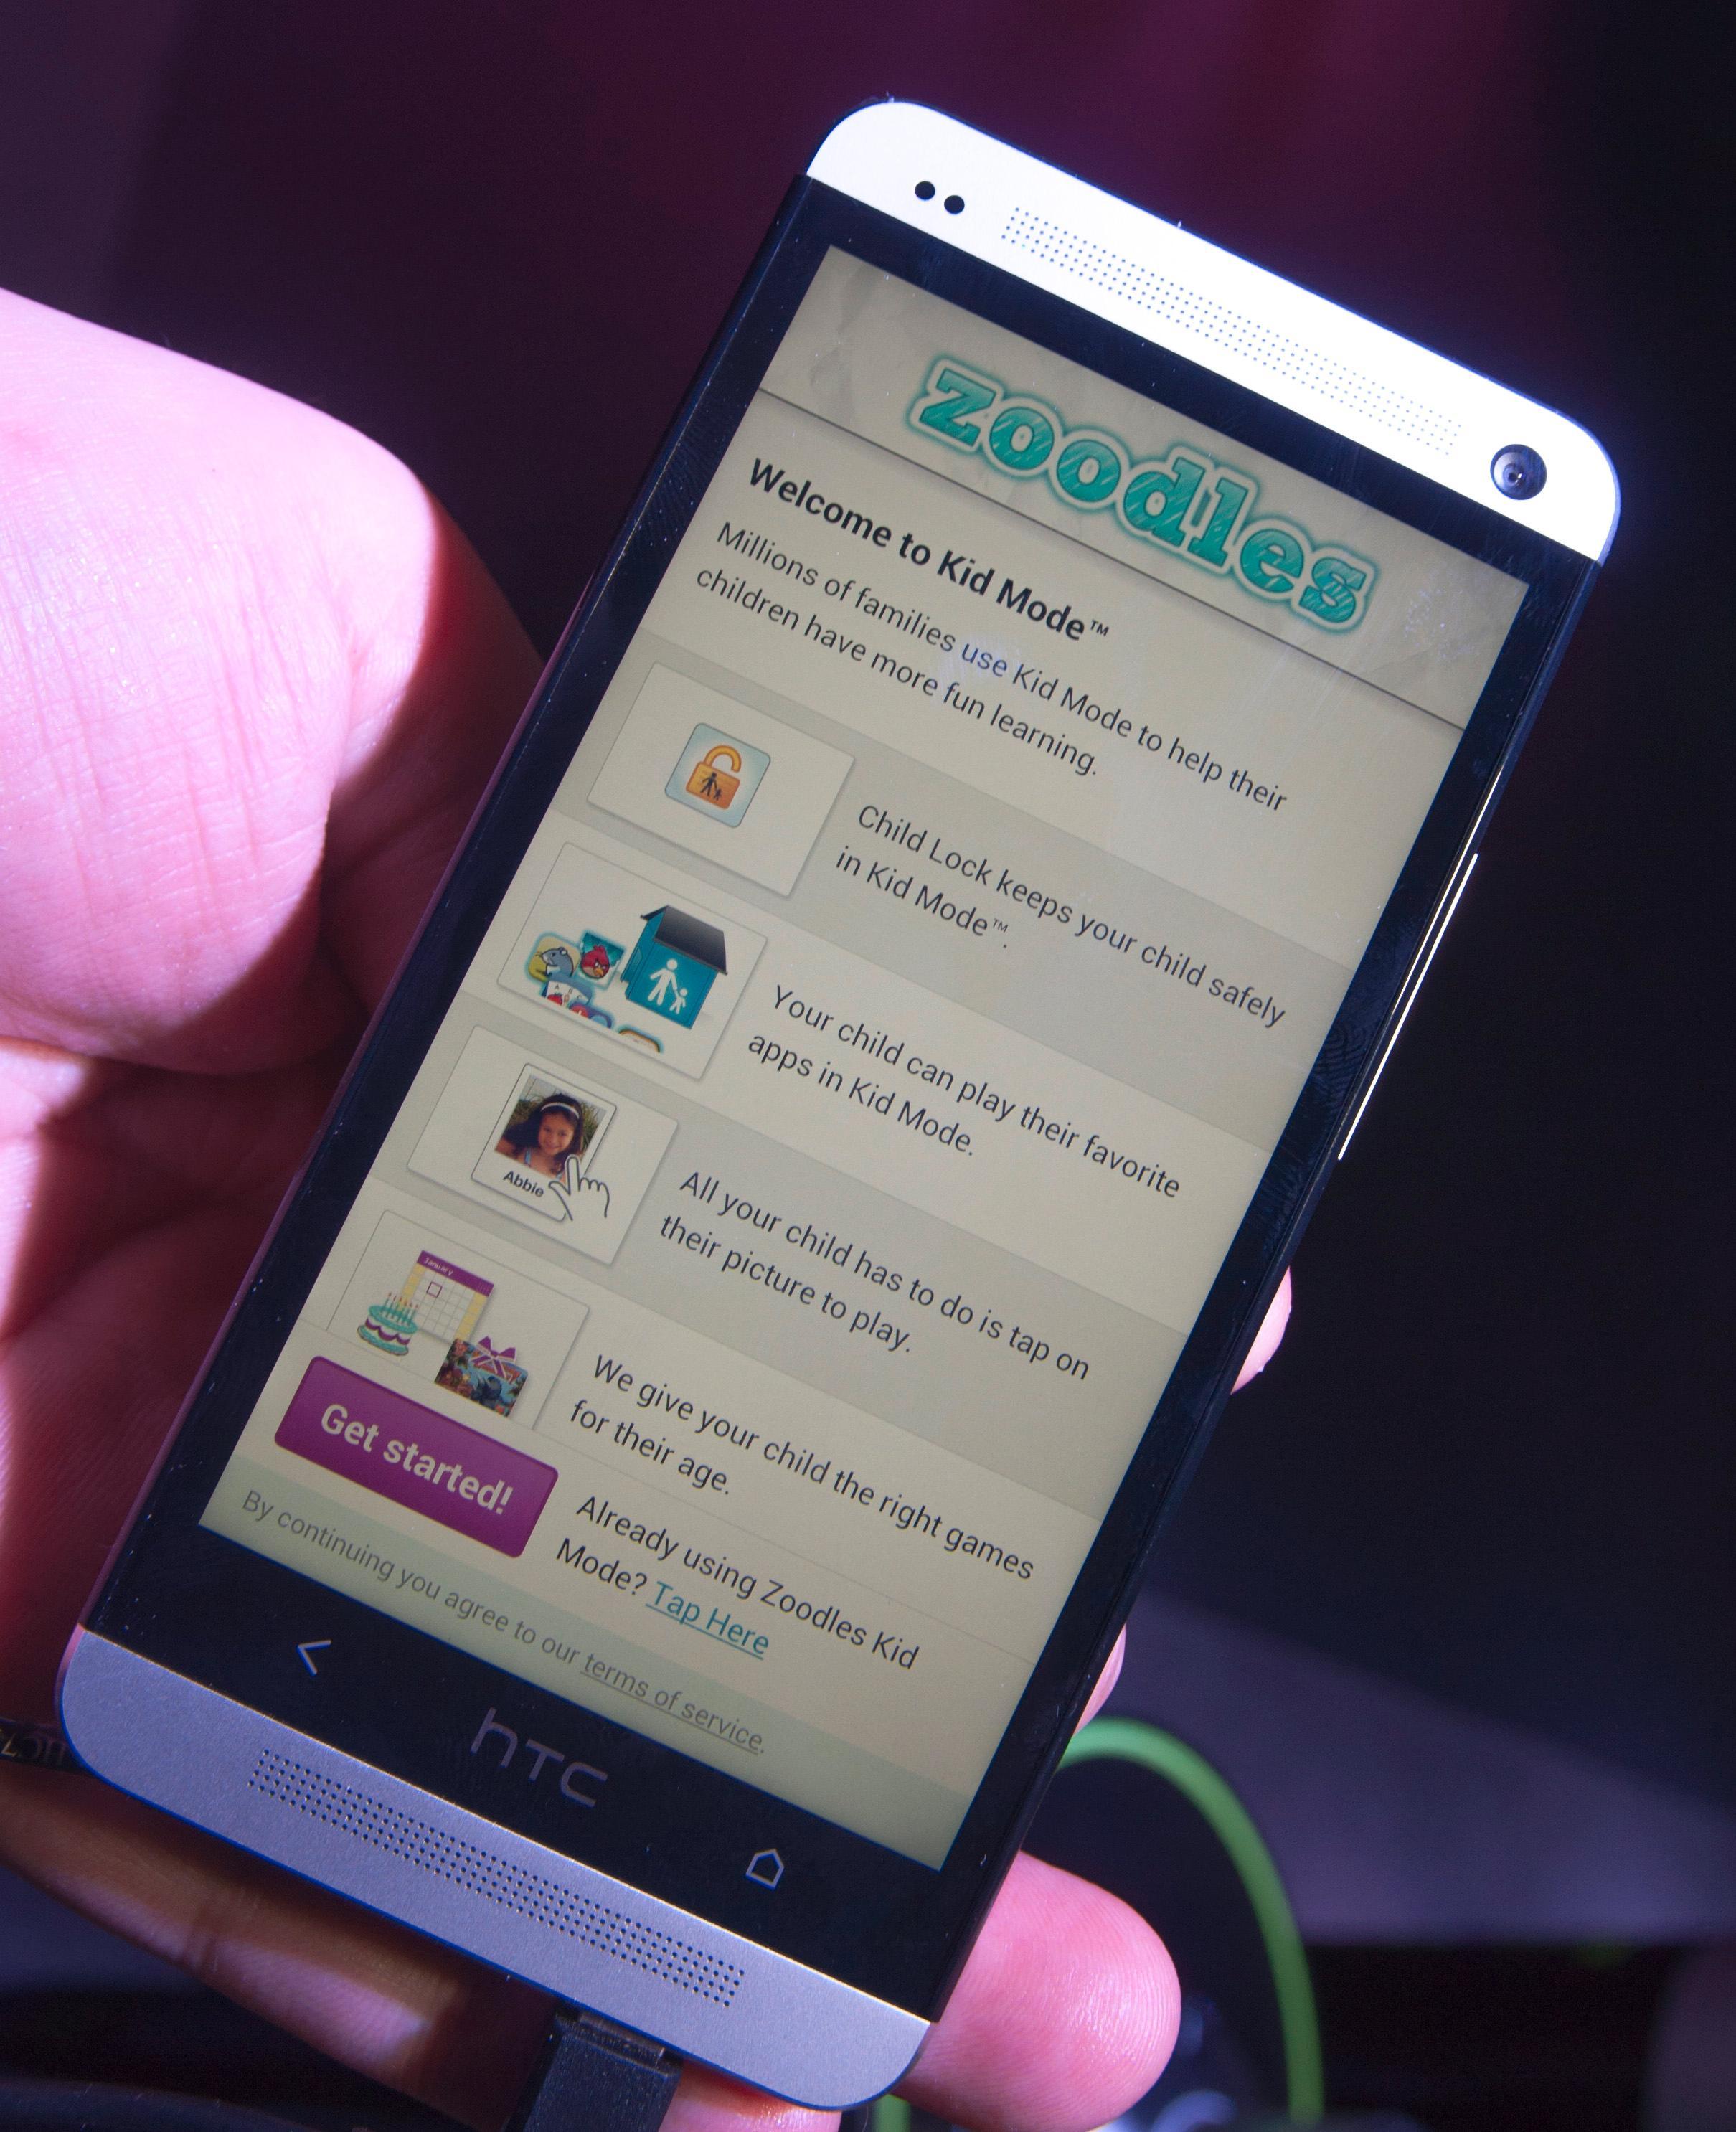 En egen app skal gjøre telefonen trygg å bruke for de minste.Foto: Finn Jarle Kvalheim, Amobil.no